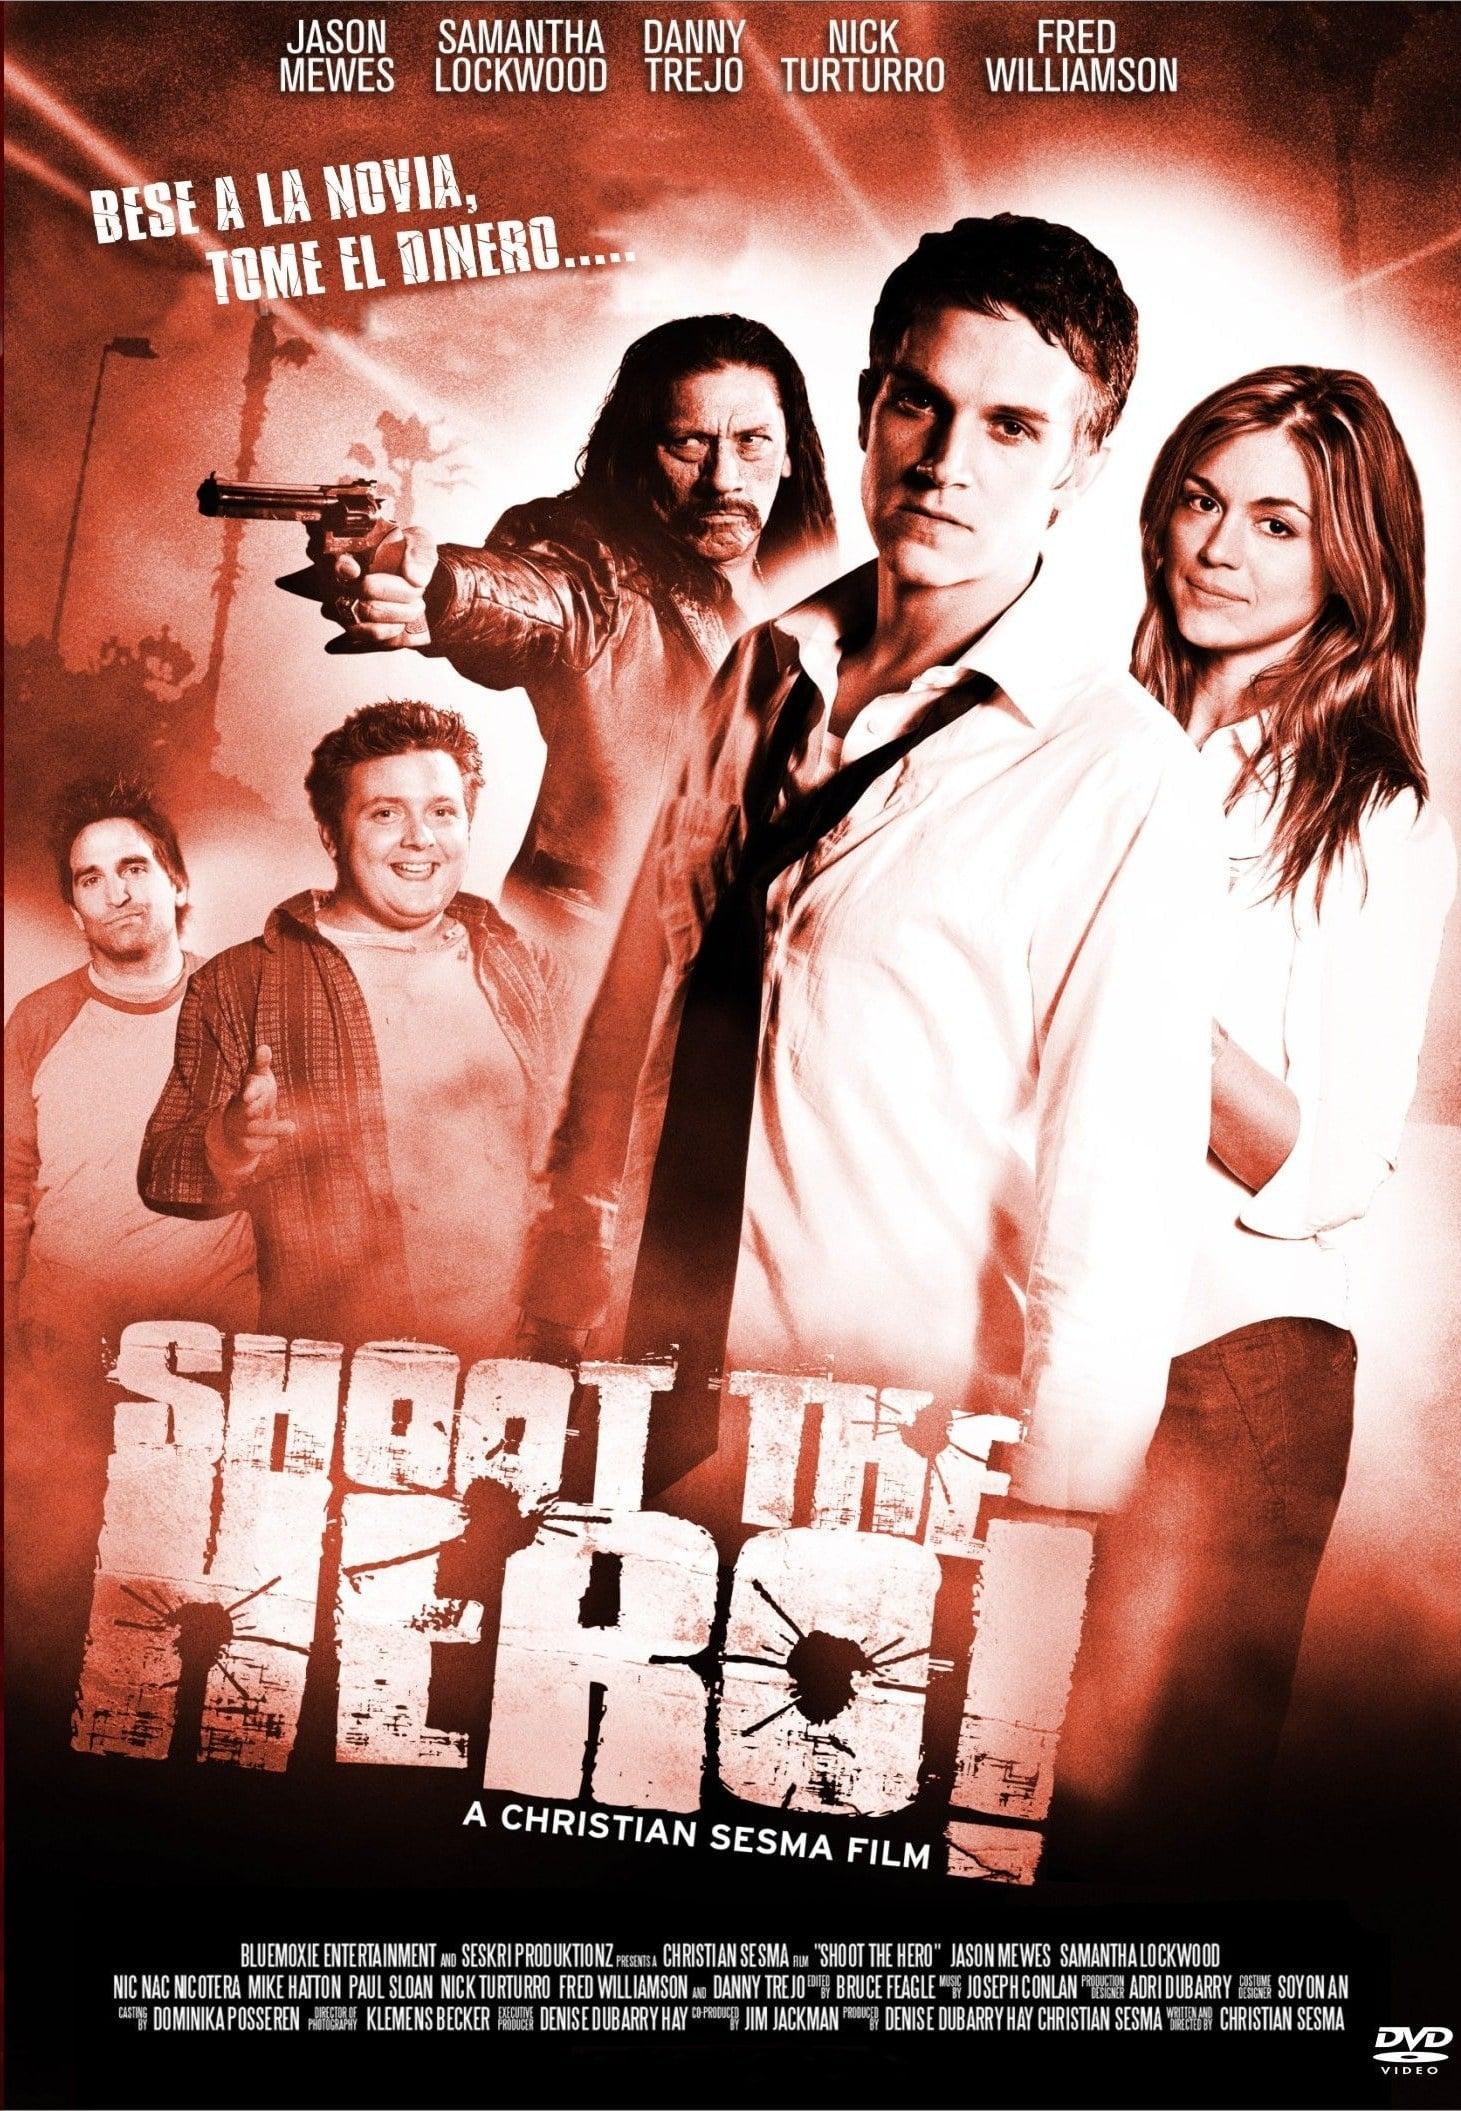 Shoot the Hero (2010)